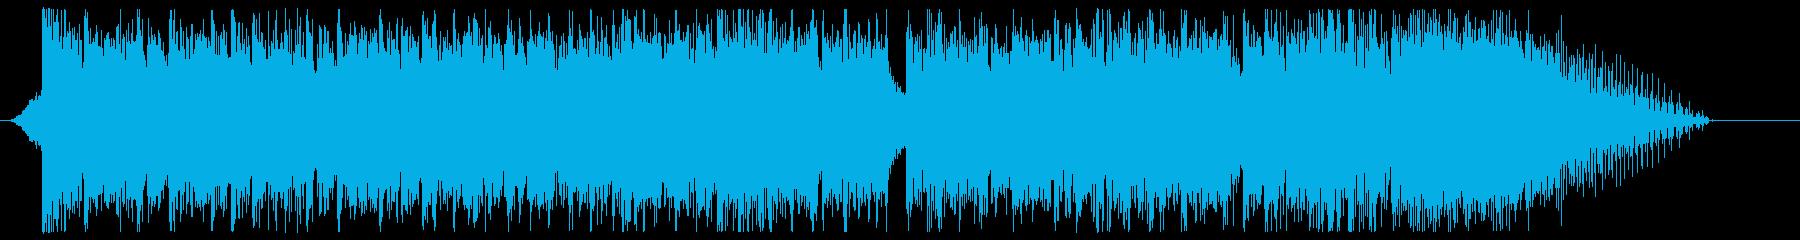 デジタルなエピックロックのサウンドロゴの再生済みの波形